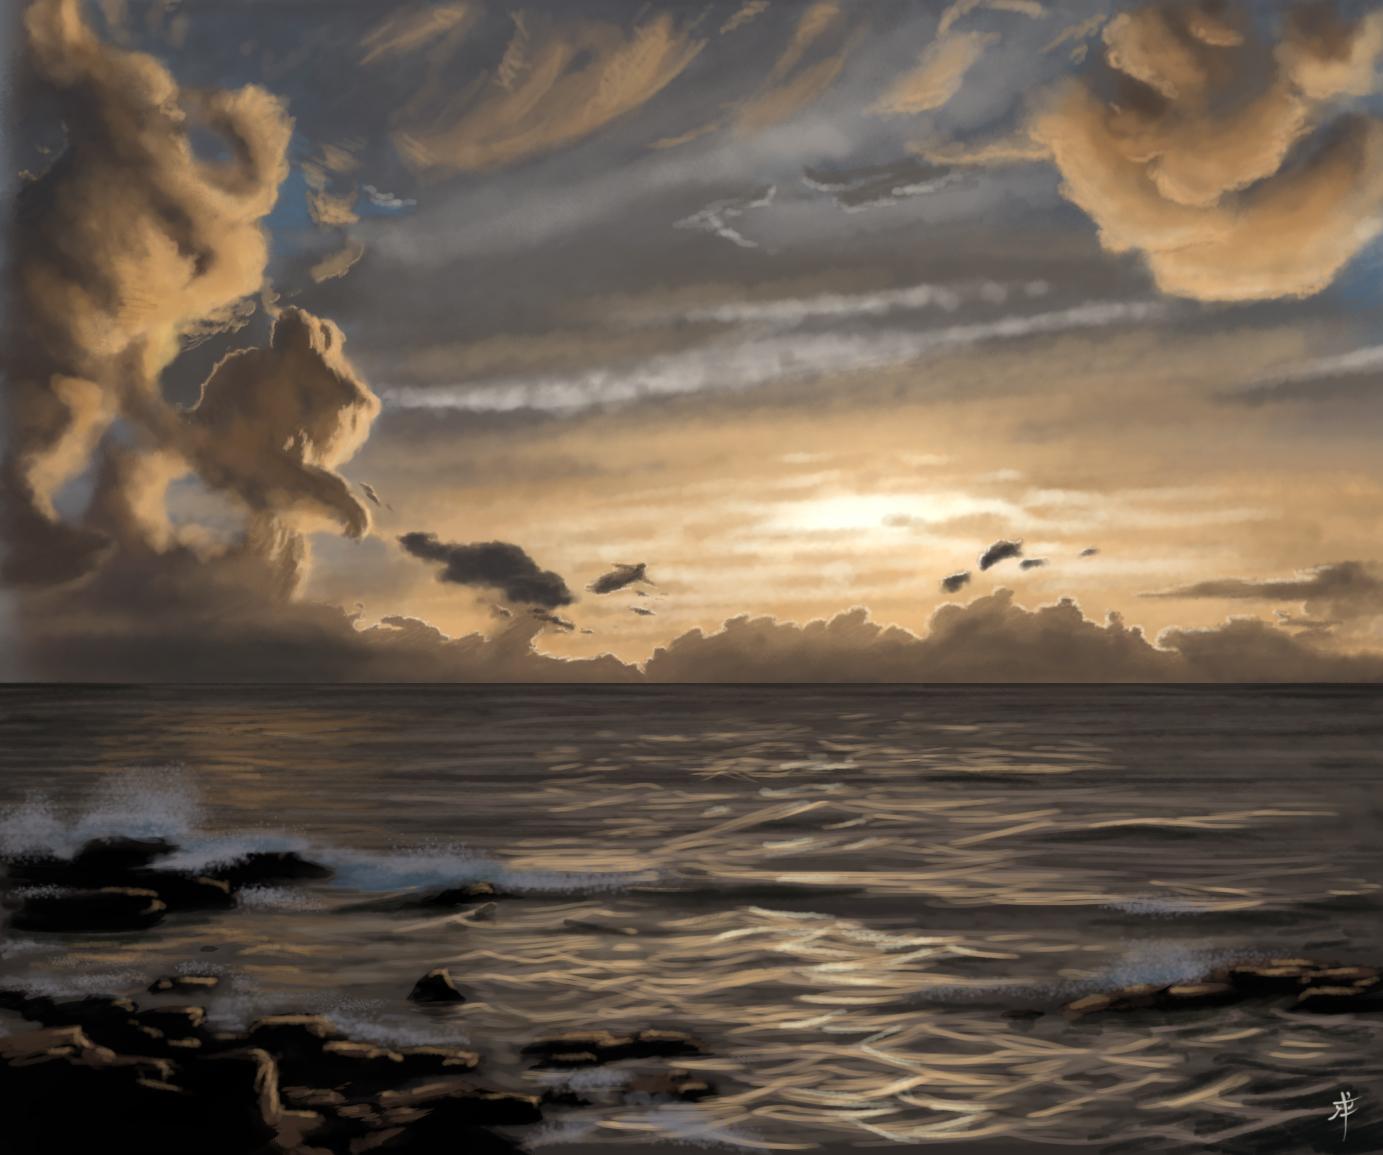 Golden Ocean Sunset by rpowell77 on DeviantArt